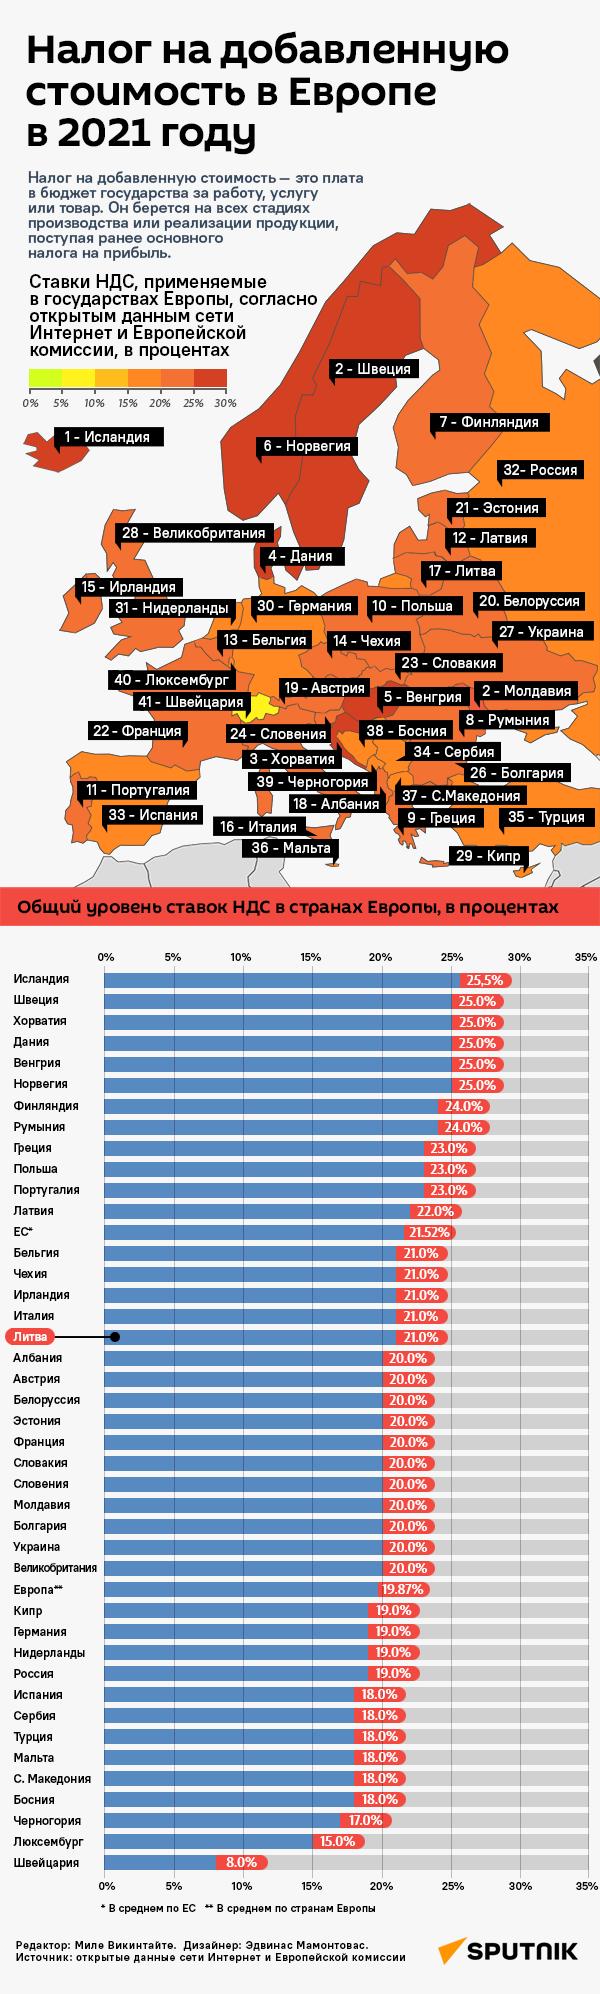 Размер НДС в странах Европы - Sputnik Грузия